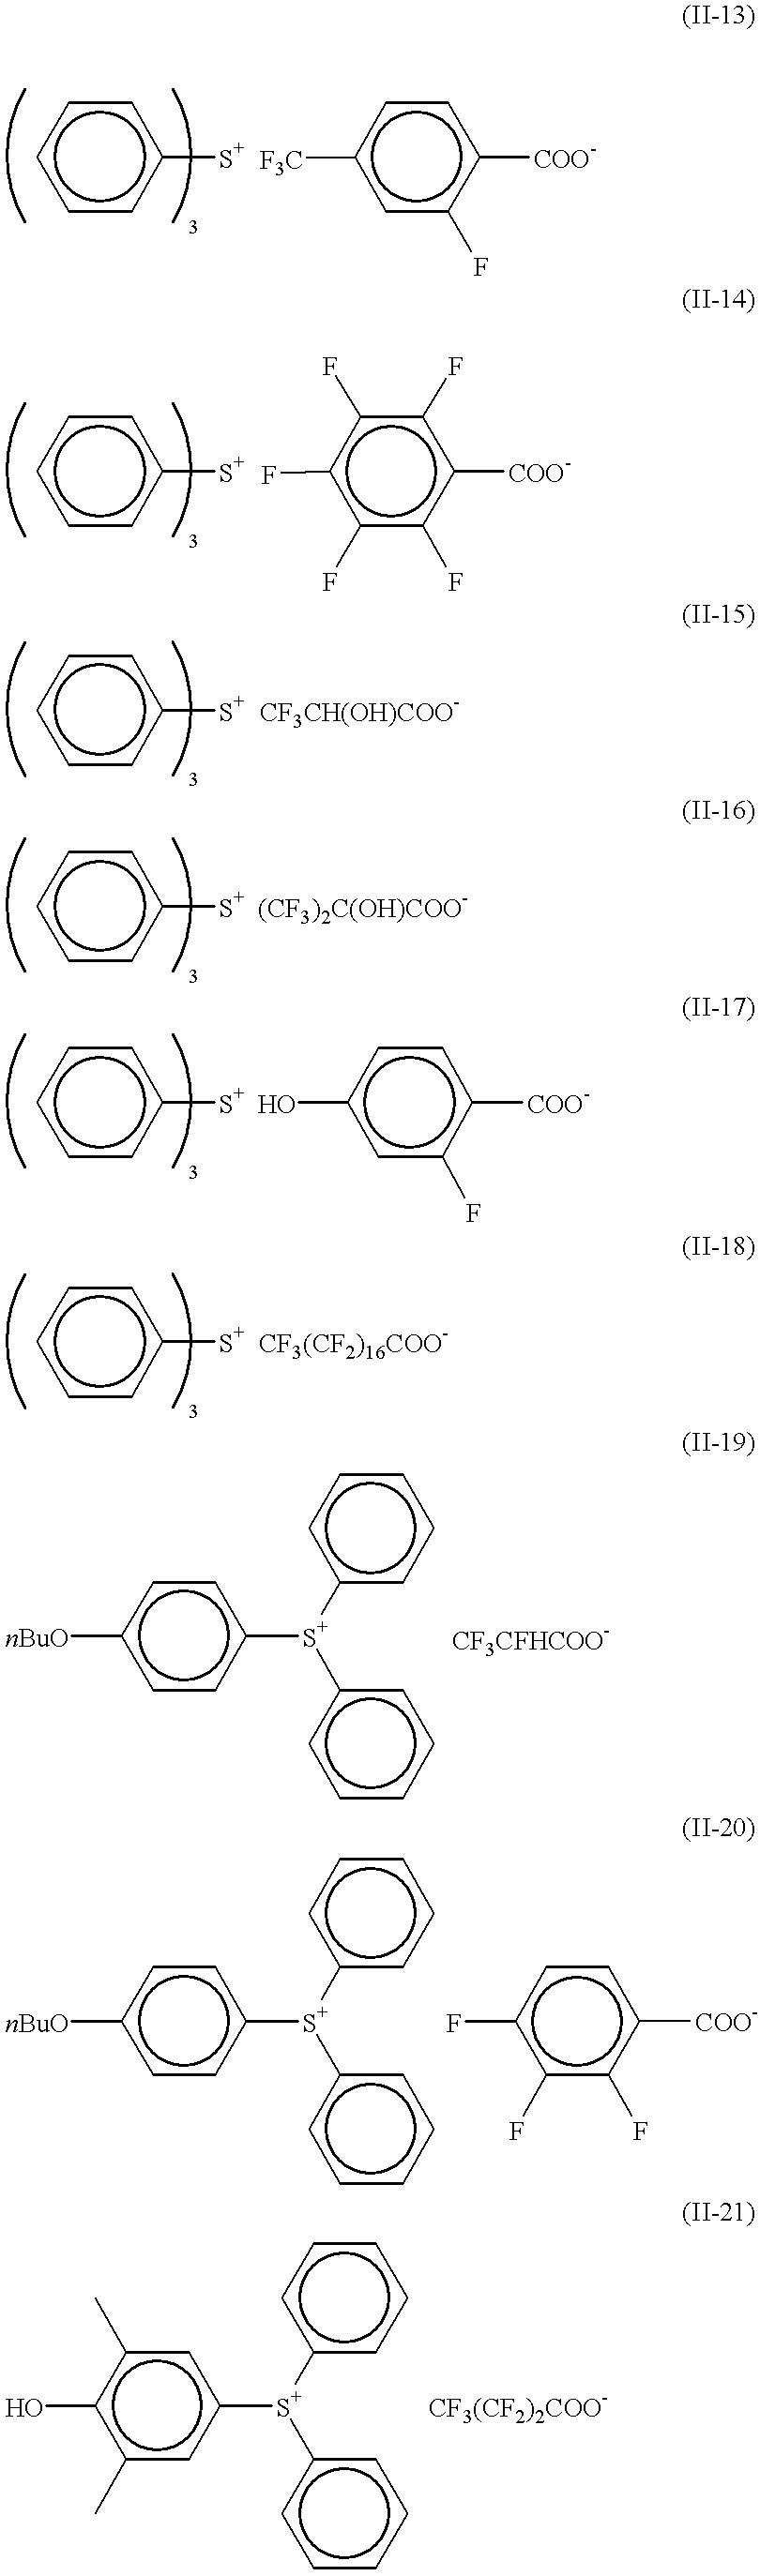 Figure US06485883-20021126-C00008